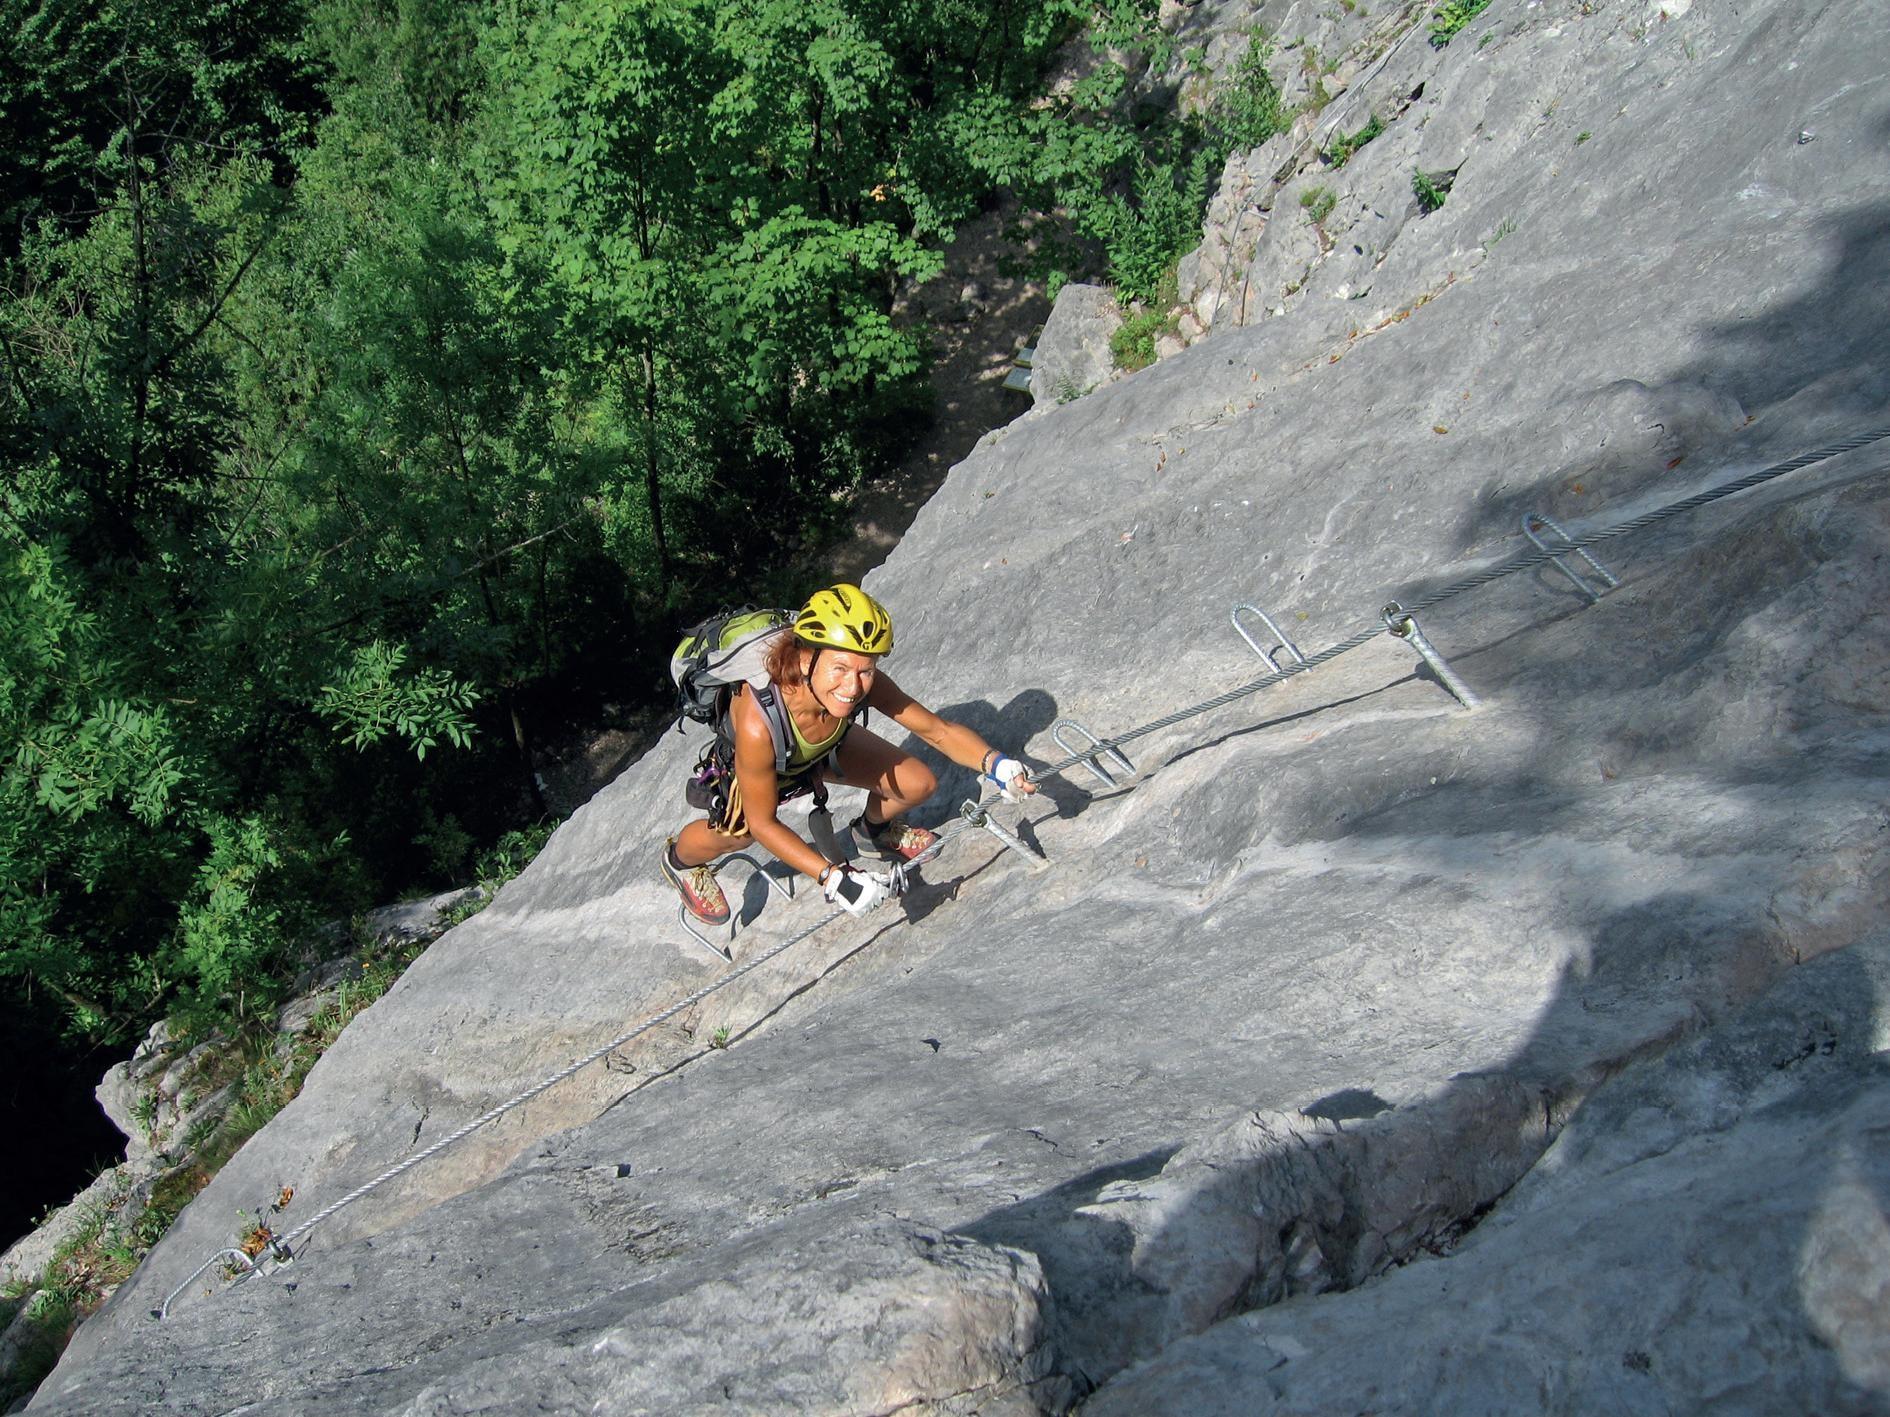 Klettersteig Hessen : Klettersteige für anfänger in den alpen bergwelten